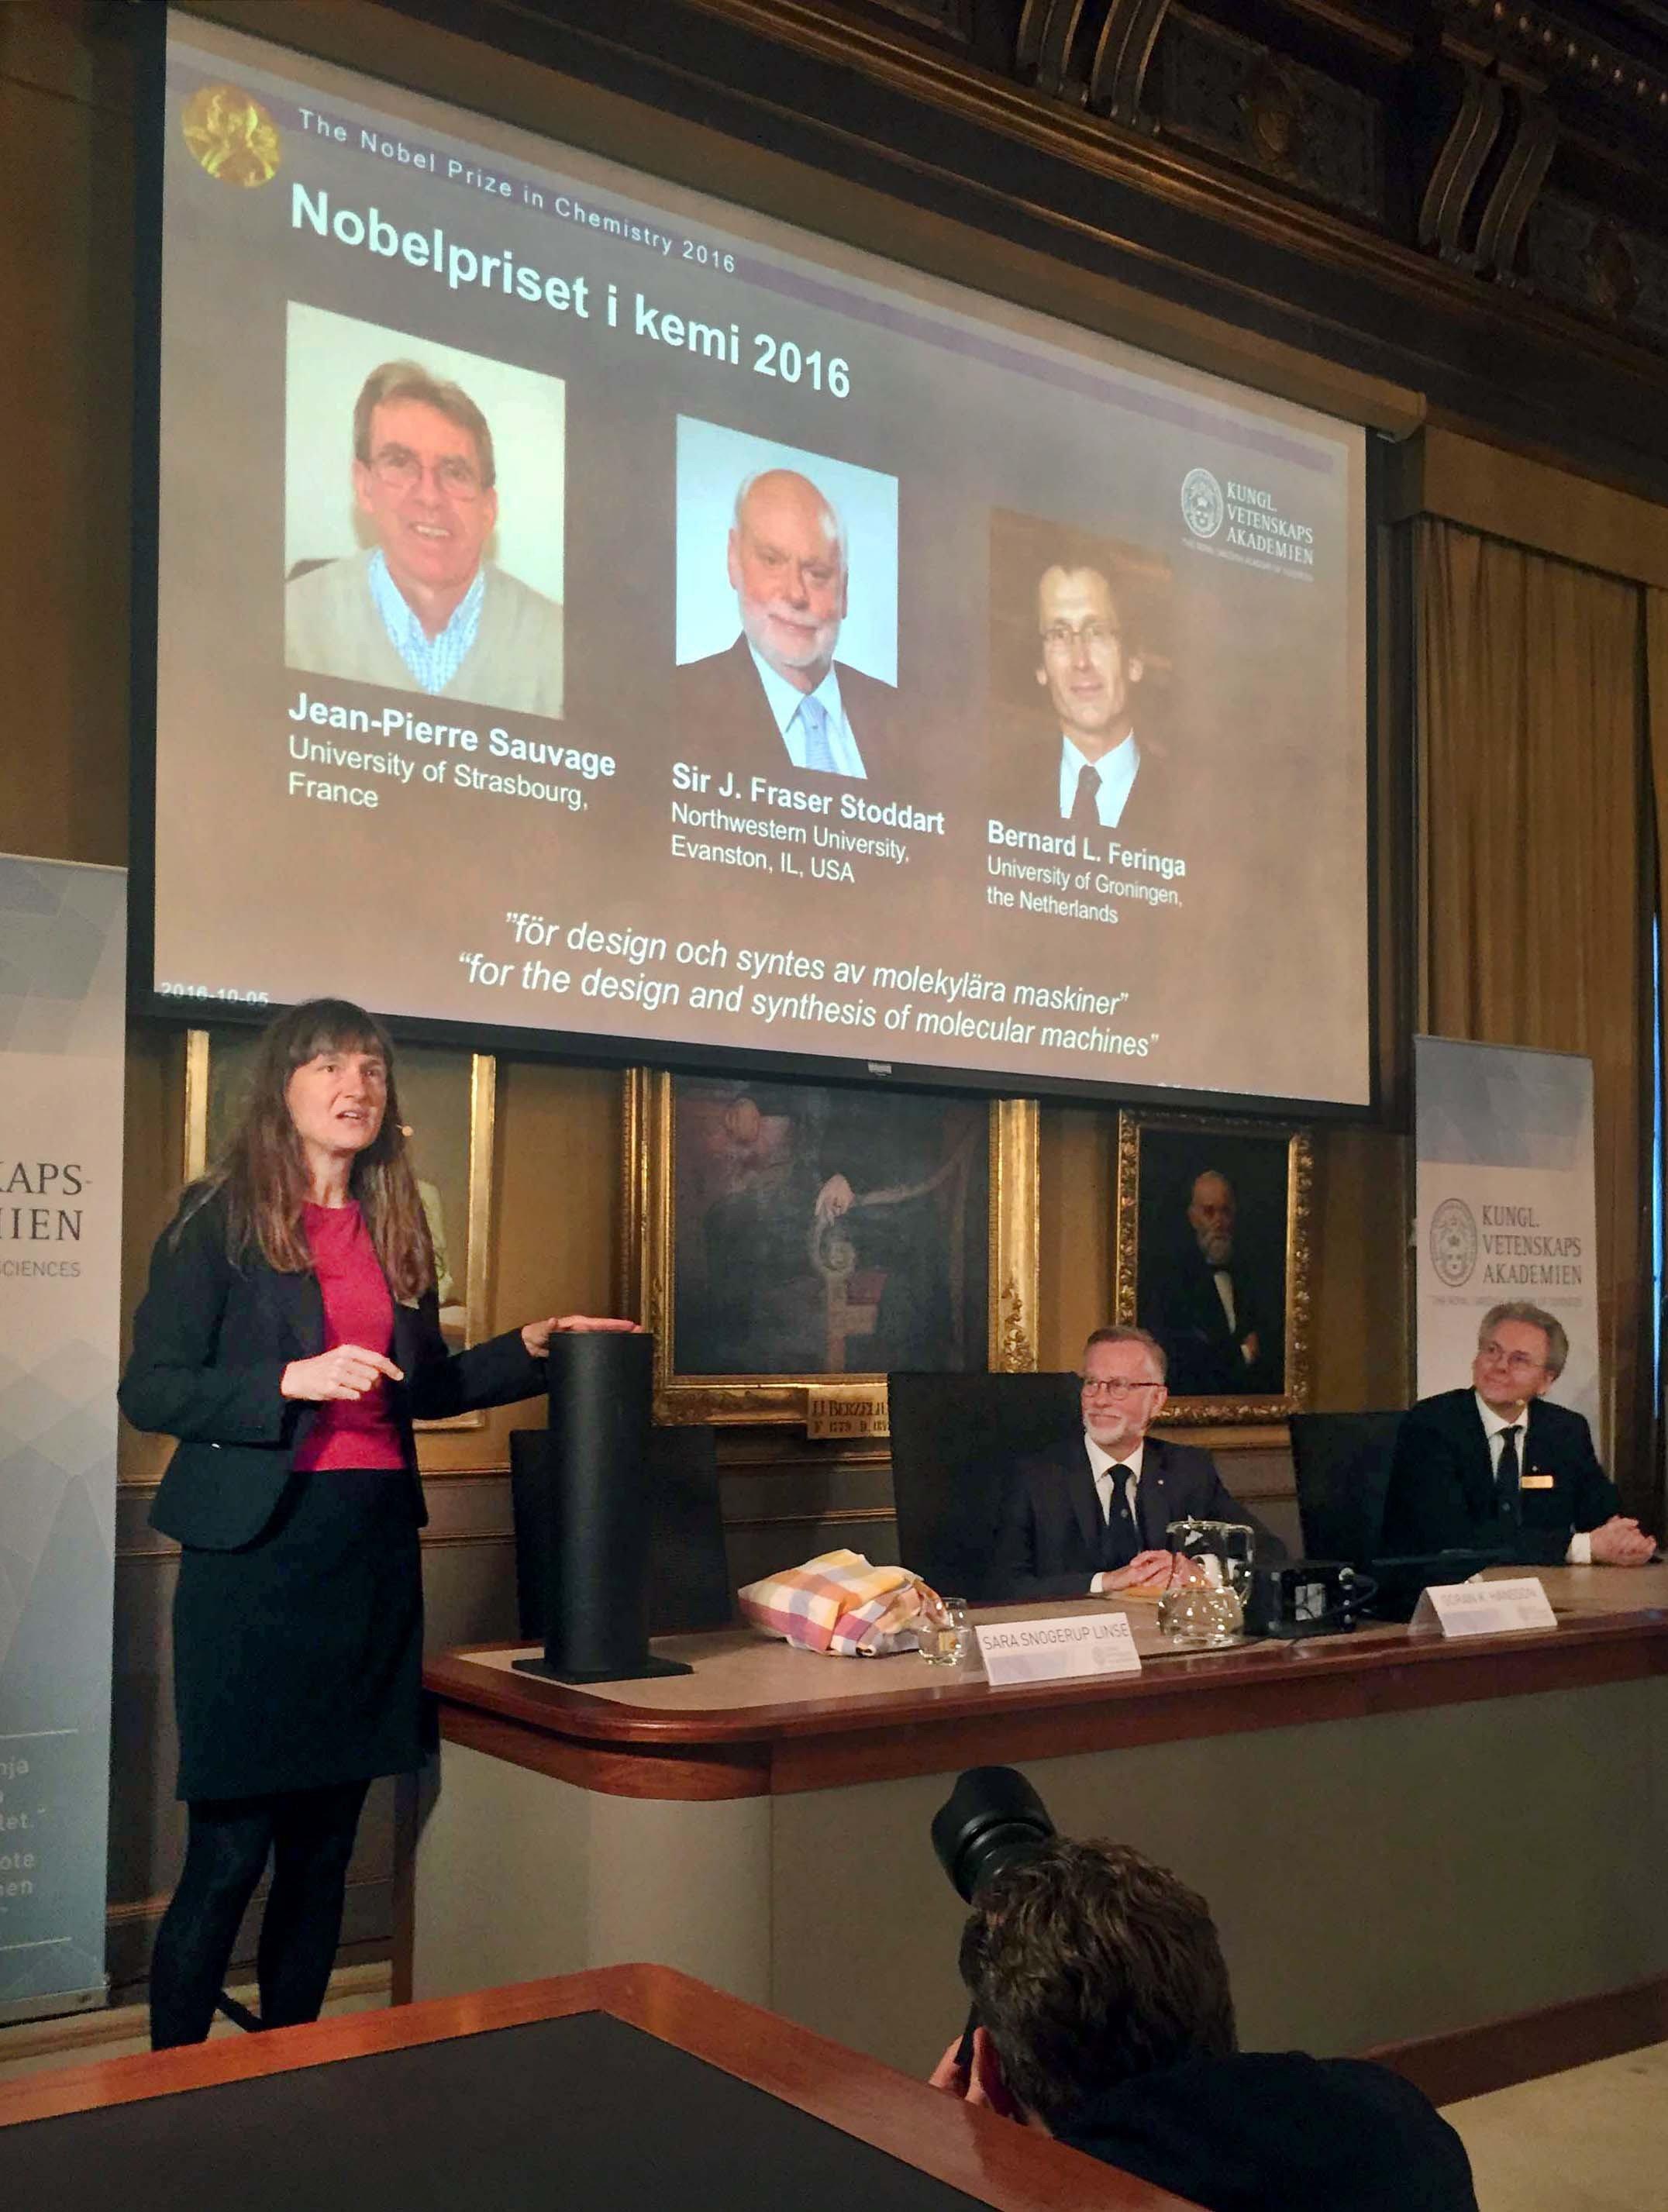 Die Königlich-Schwedische Akamedie der Wissenschaften gibt am 5. Oktober 2016 inStockholm die Nobelpreisträger 2016 für Chemie bekannt: Jean-Pierre Sauvage, James Fraser Stoddart und Bernard Feringa.